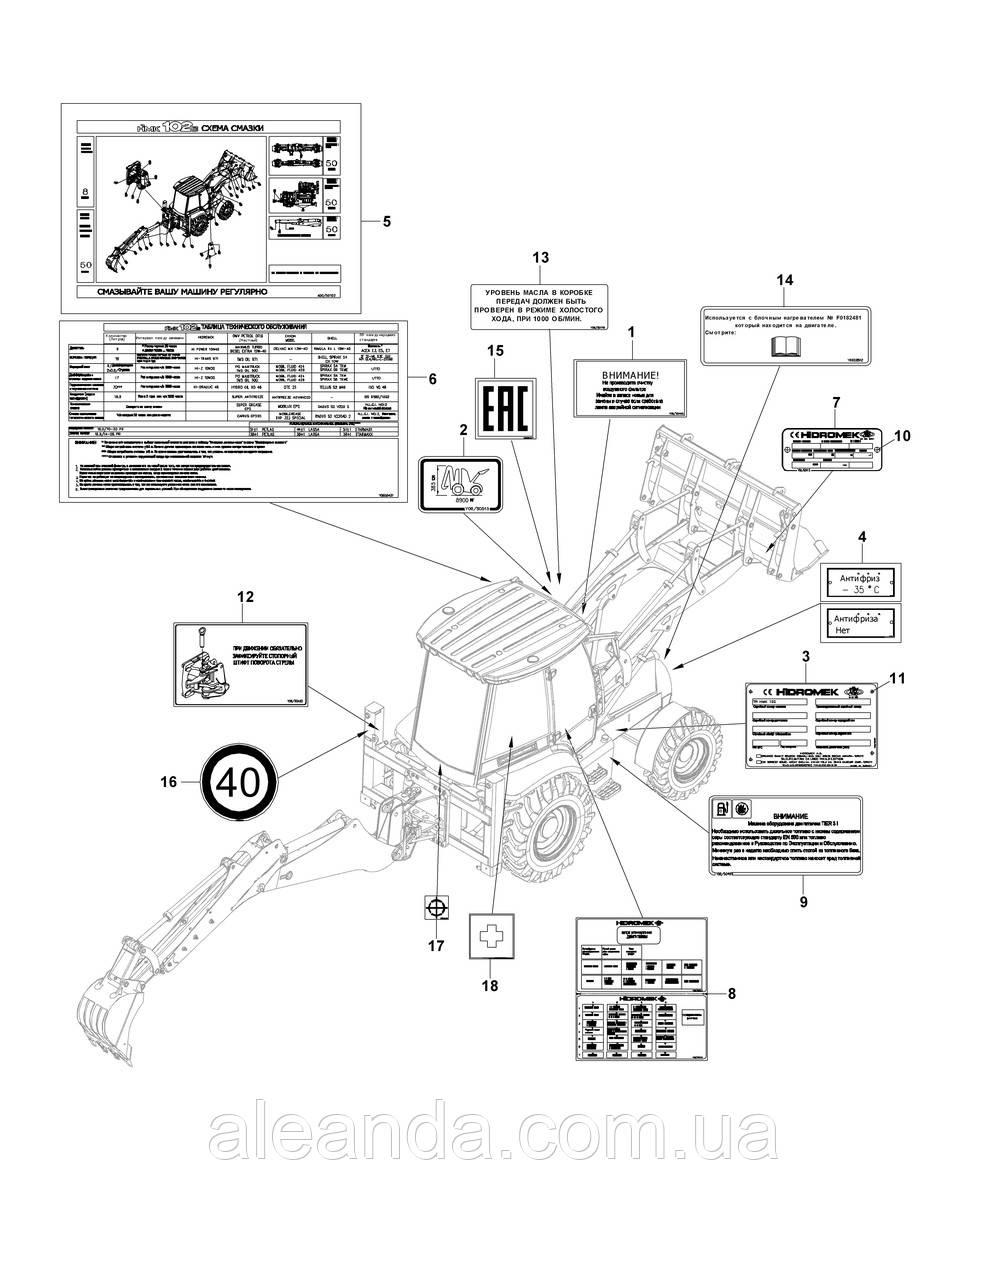 F0340118 Підшипник роликовий Hidomek